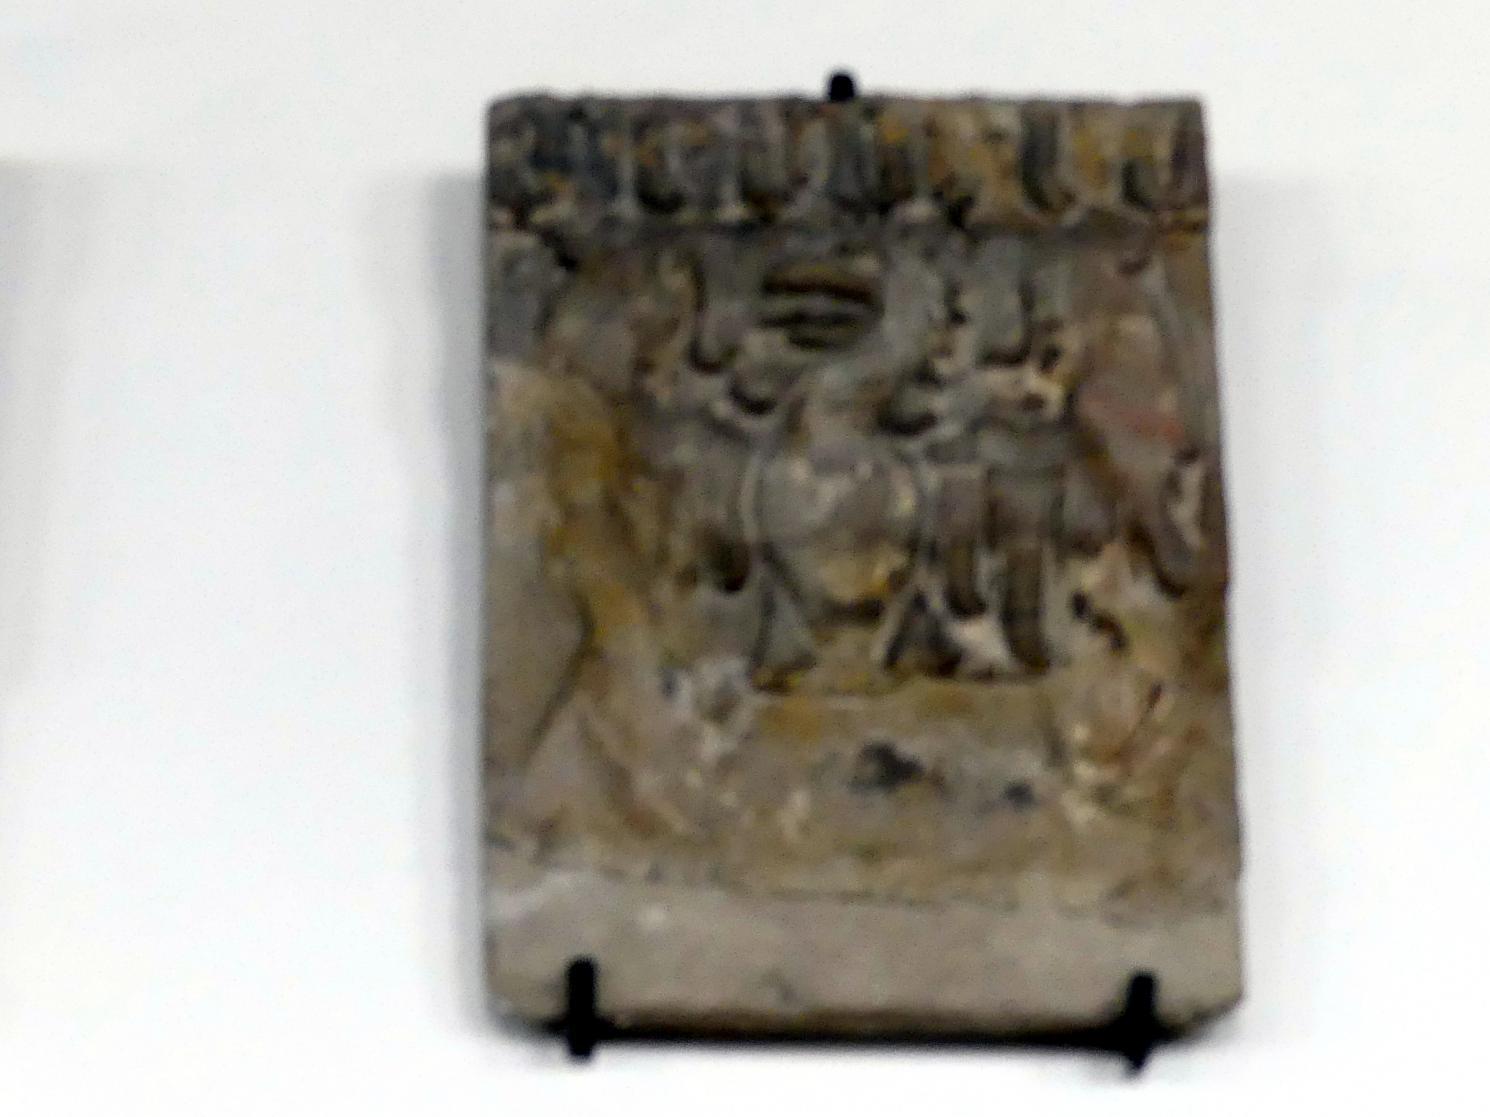 Wappen mit mährischem Adler, 2. Hälfte 14. Jhd.